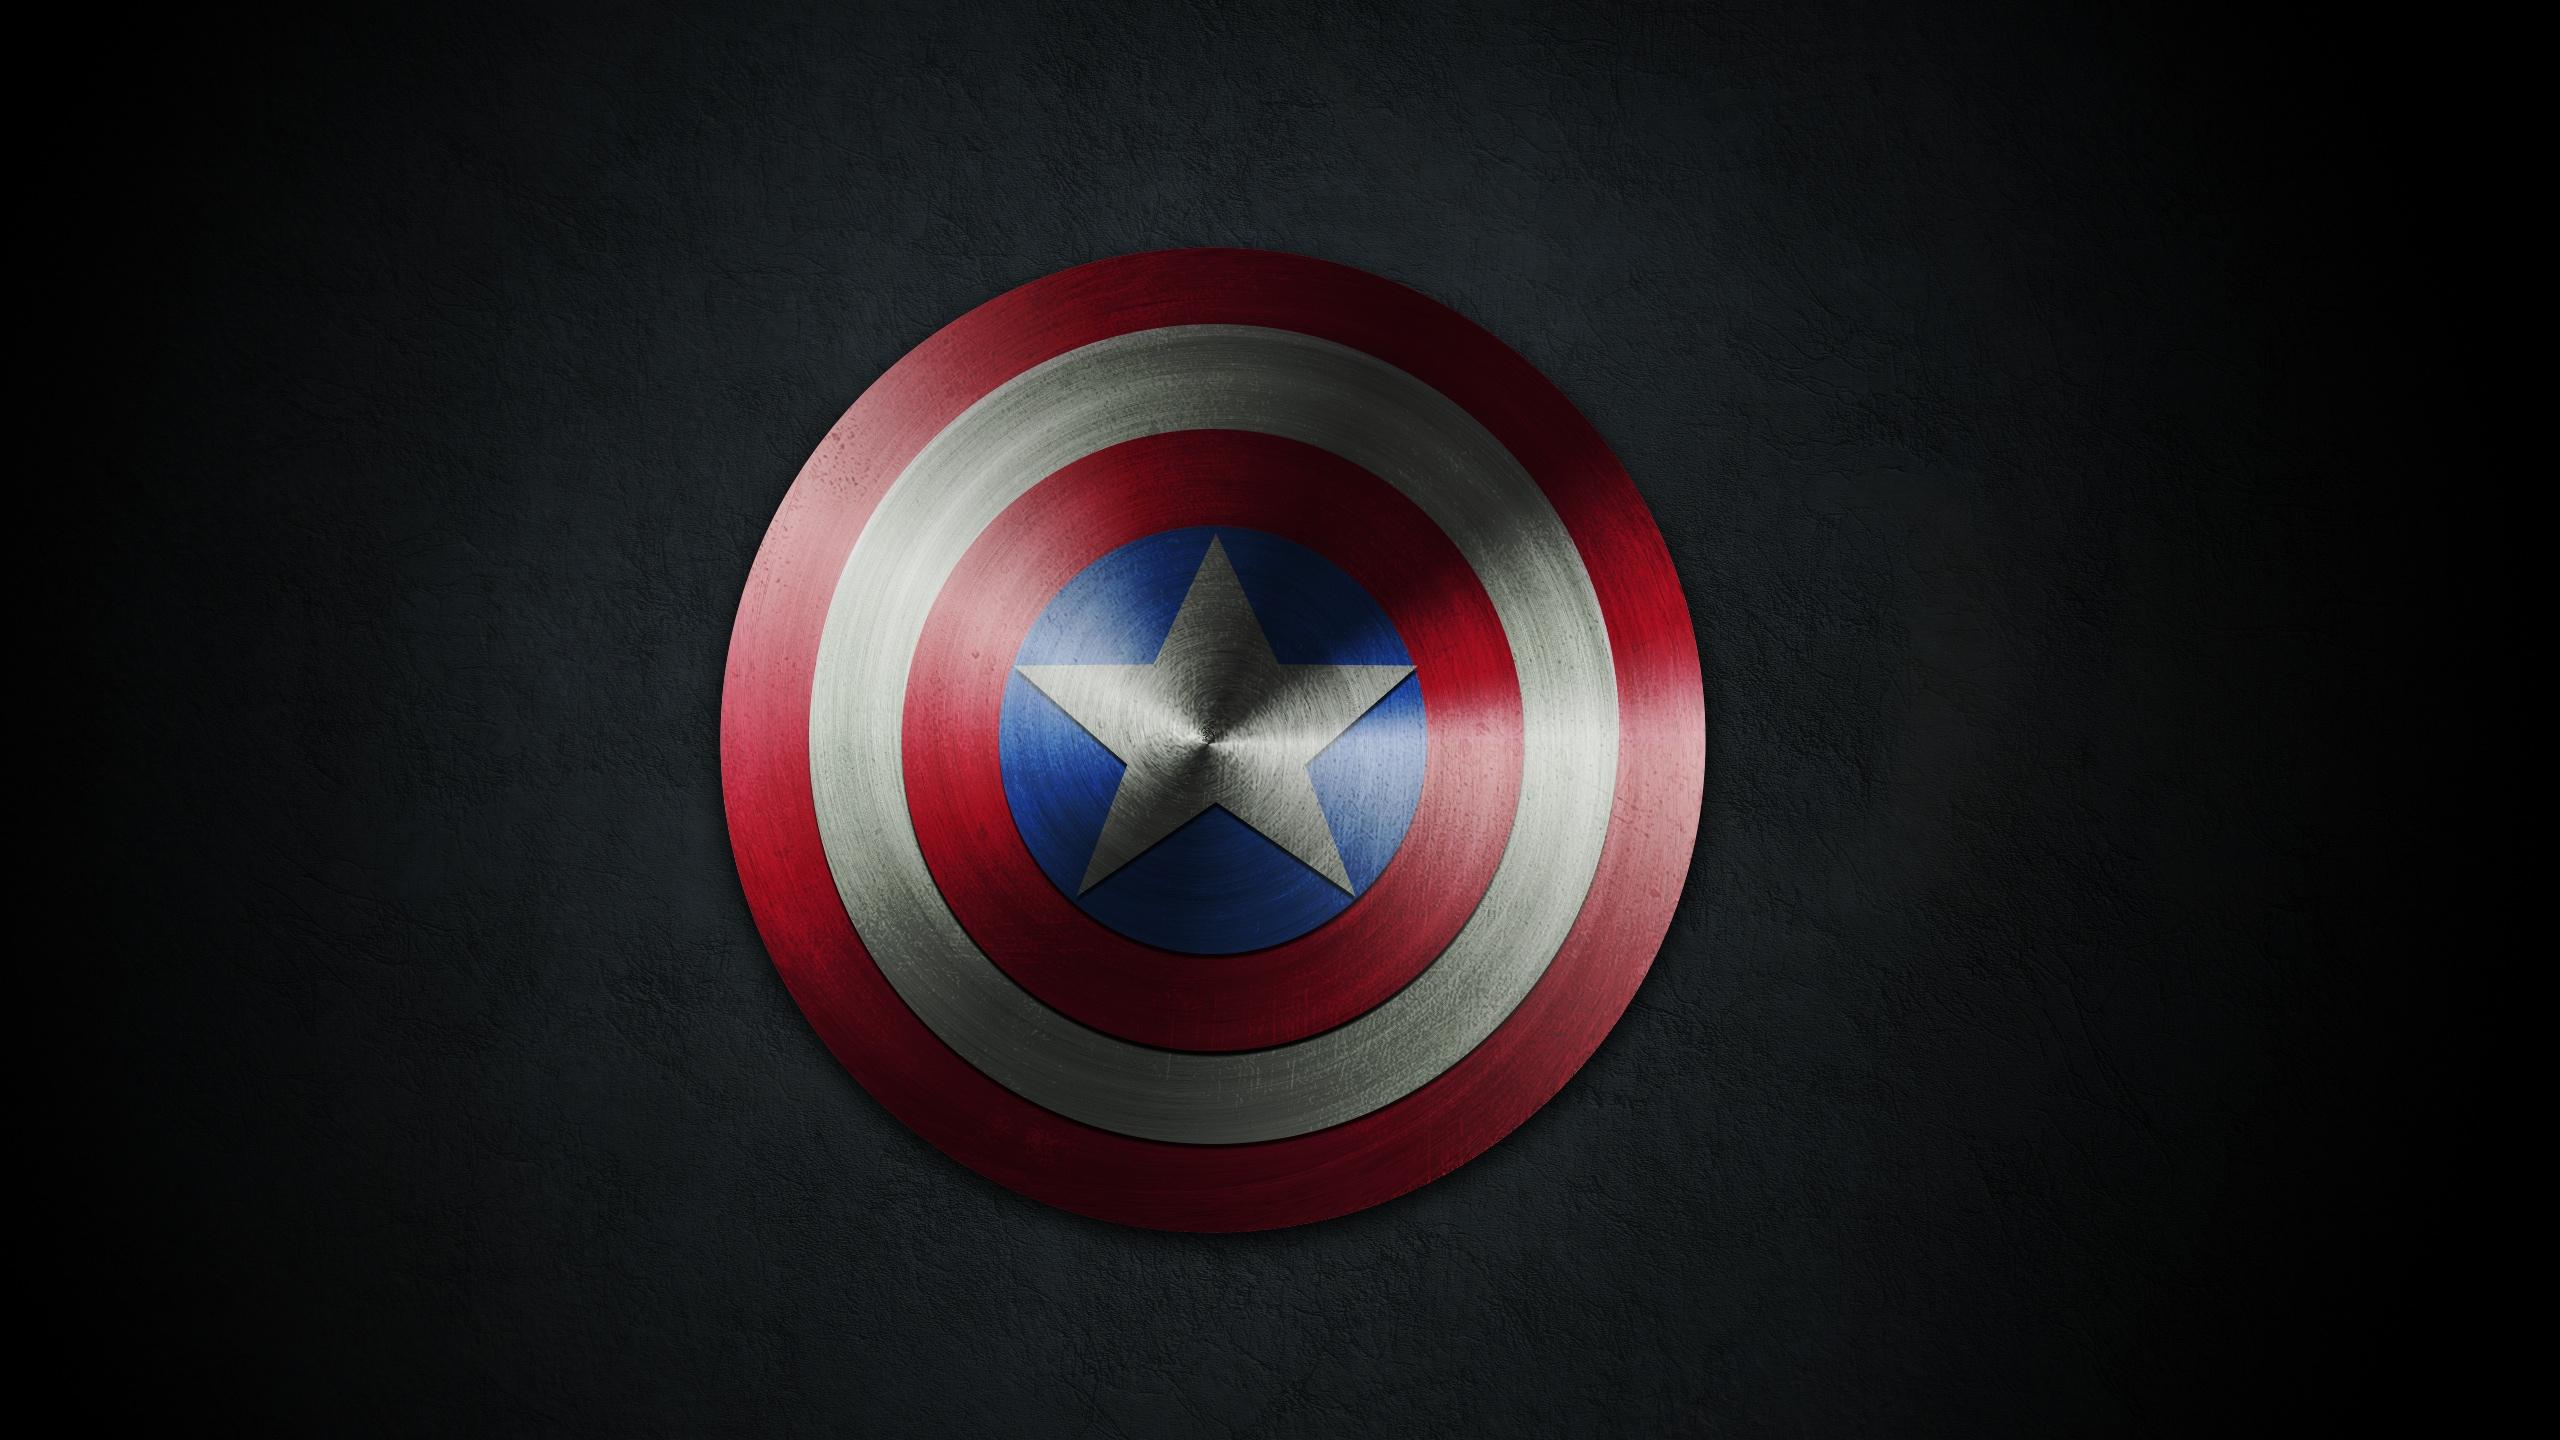 Captain America Shield Wallpaper Hd Wallpapersafari